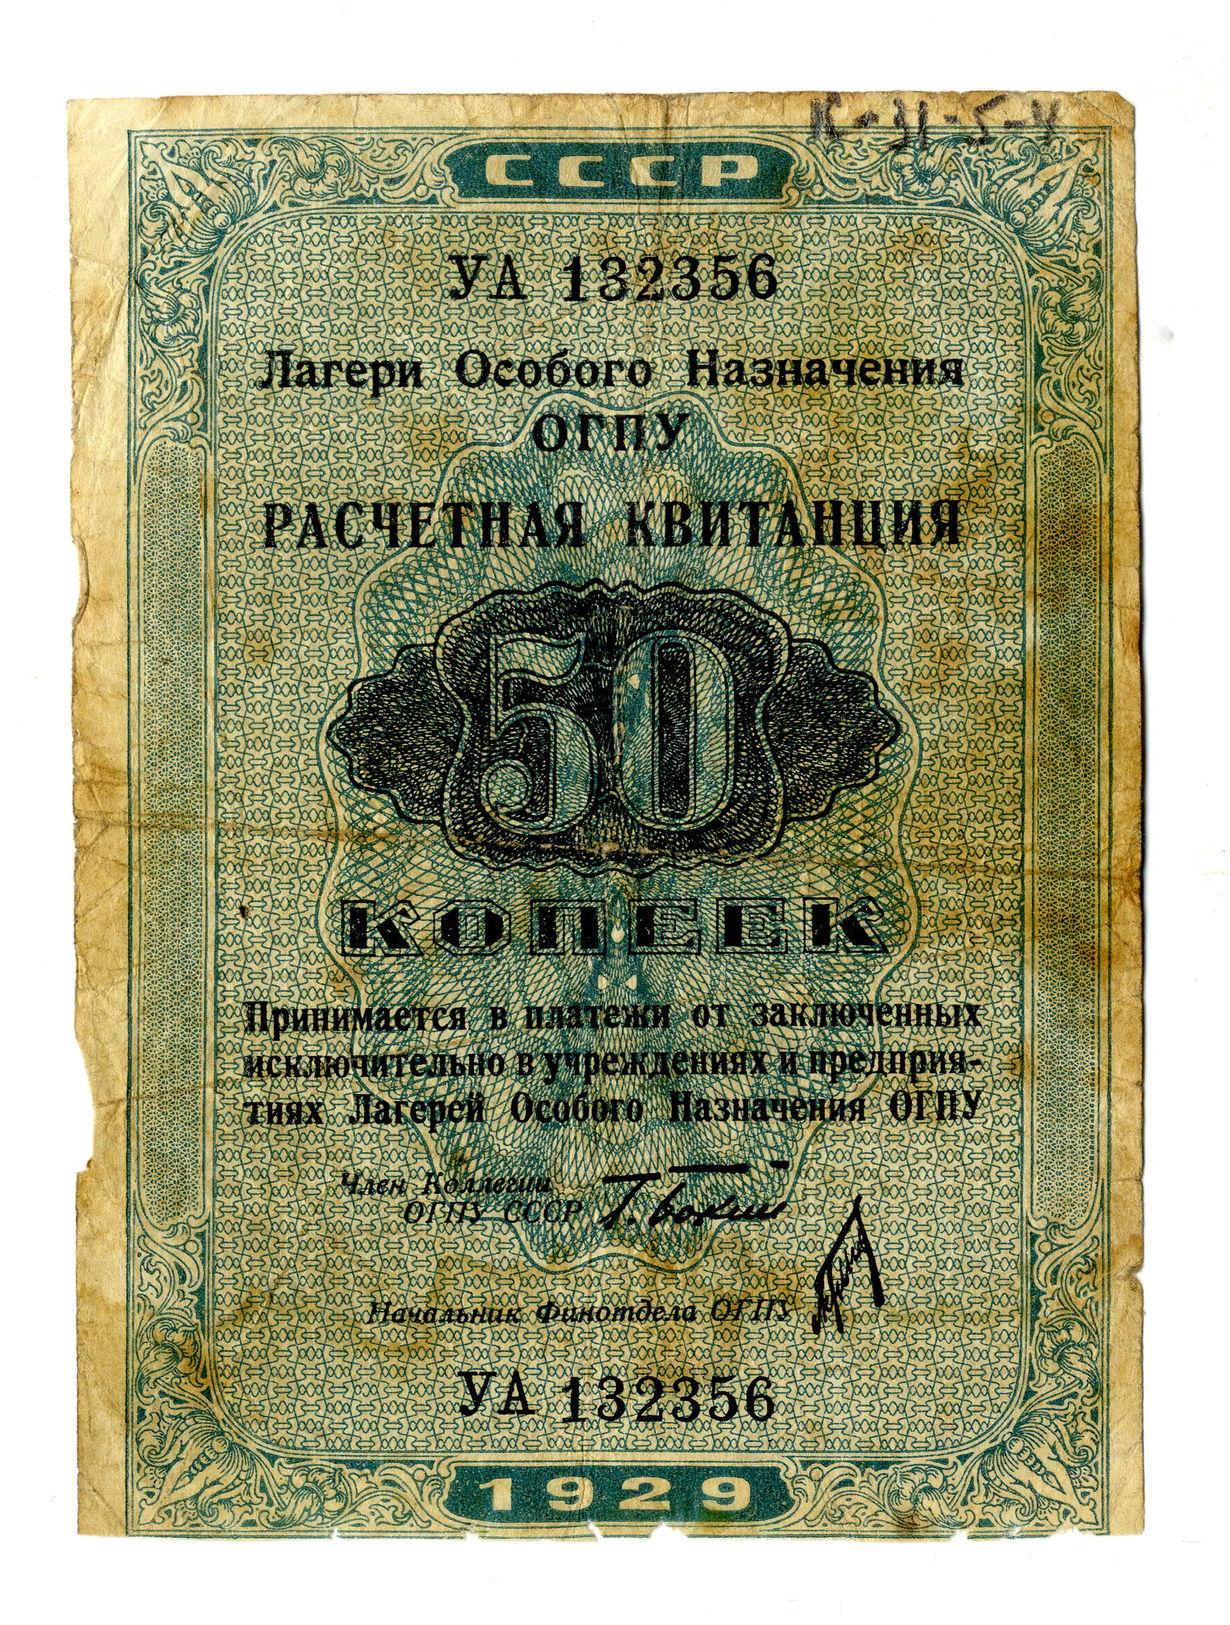 Лицевая сторона расчетной квитанции лагерей особого назначения ОГПУ номиналом в 50 копеек.